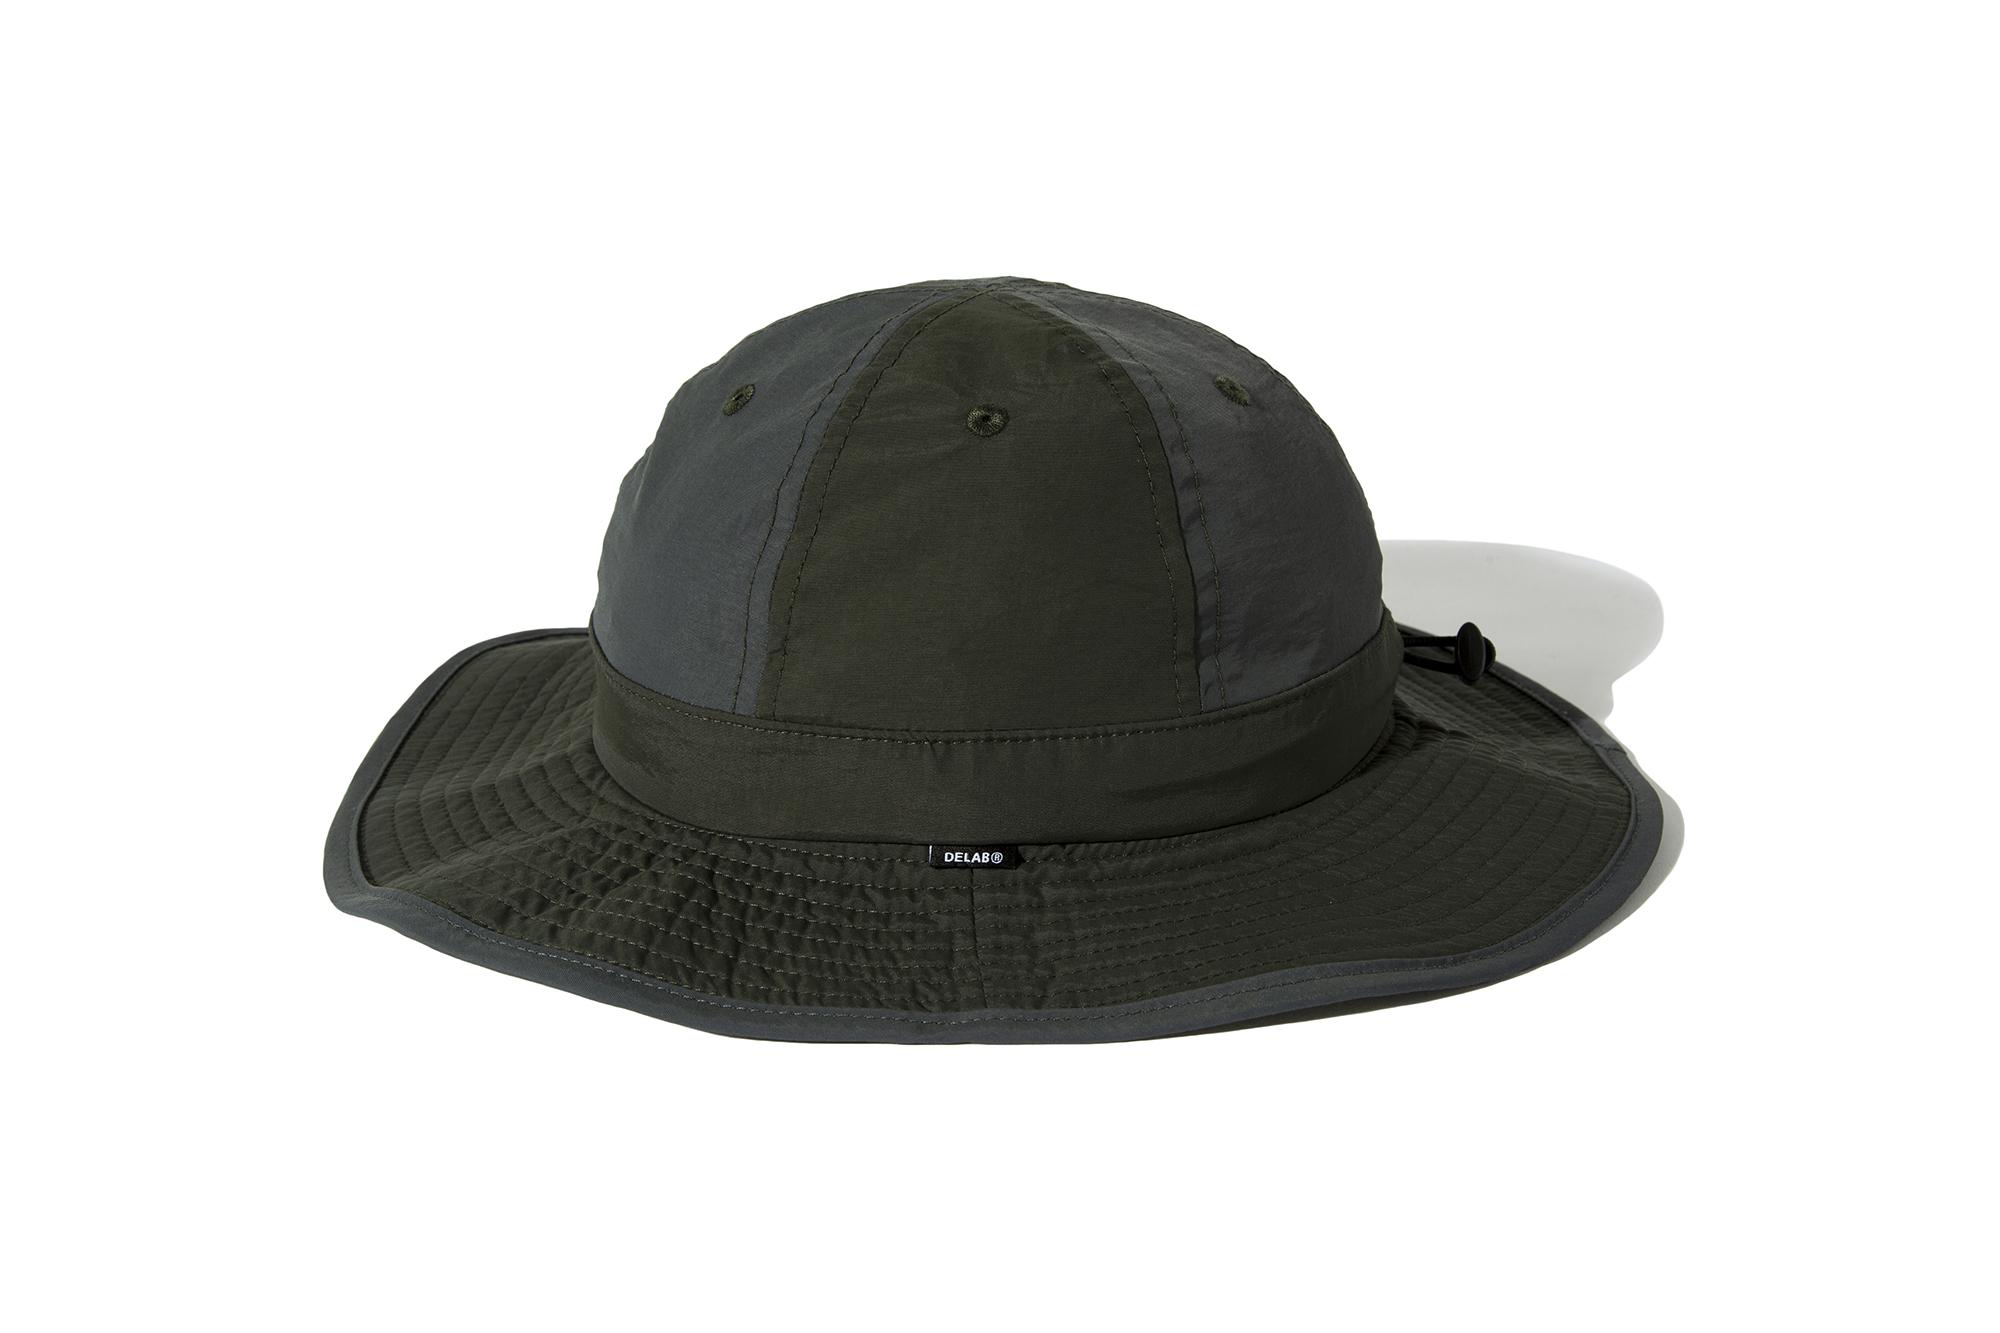 DeMarcoLab PYTHON HAT 2COLORS